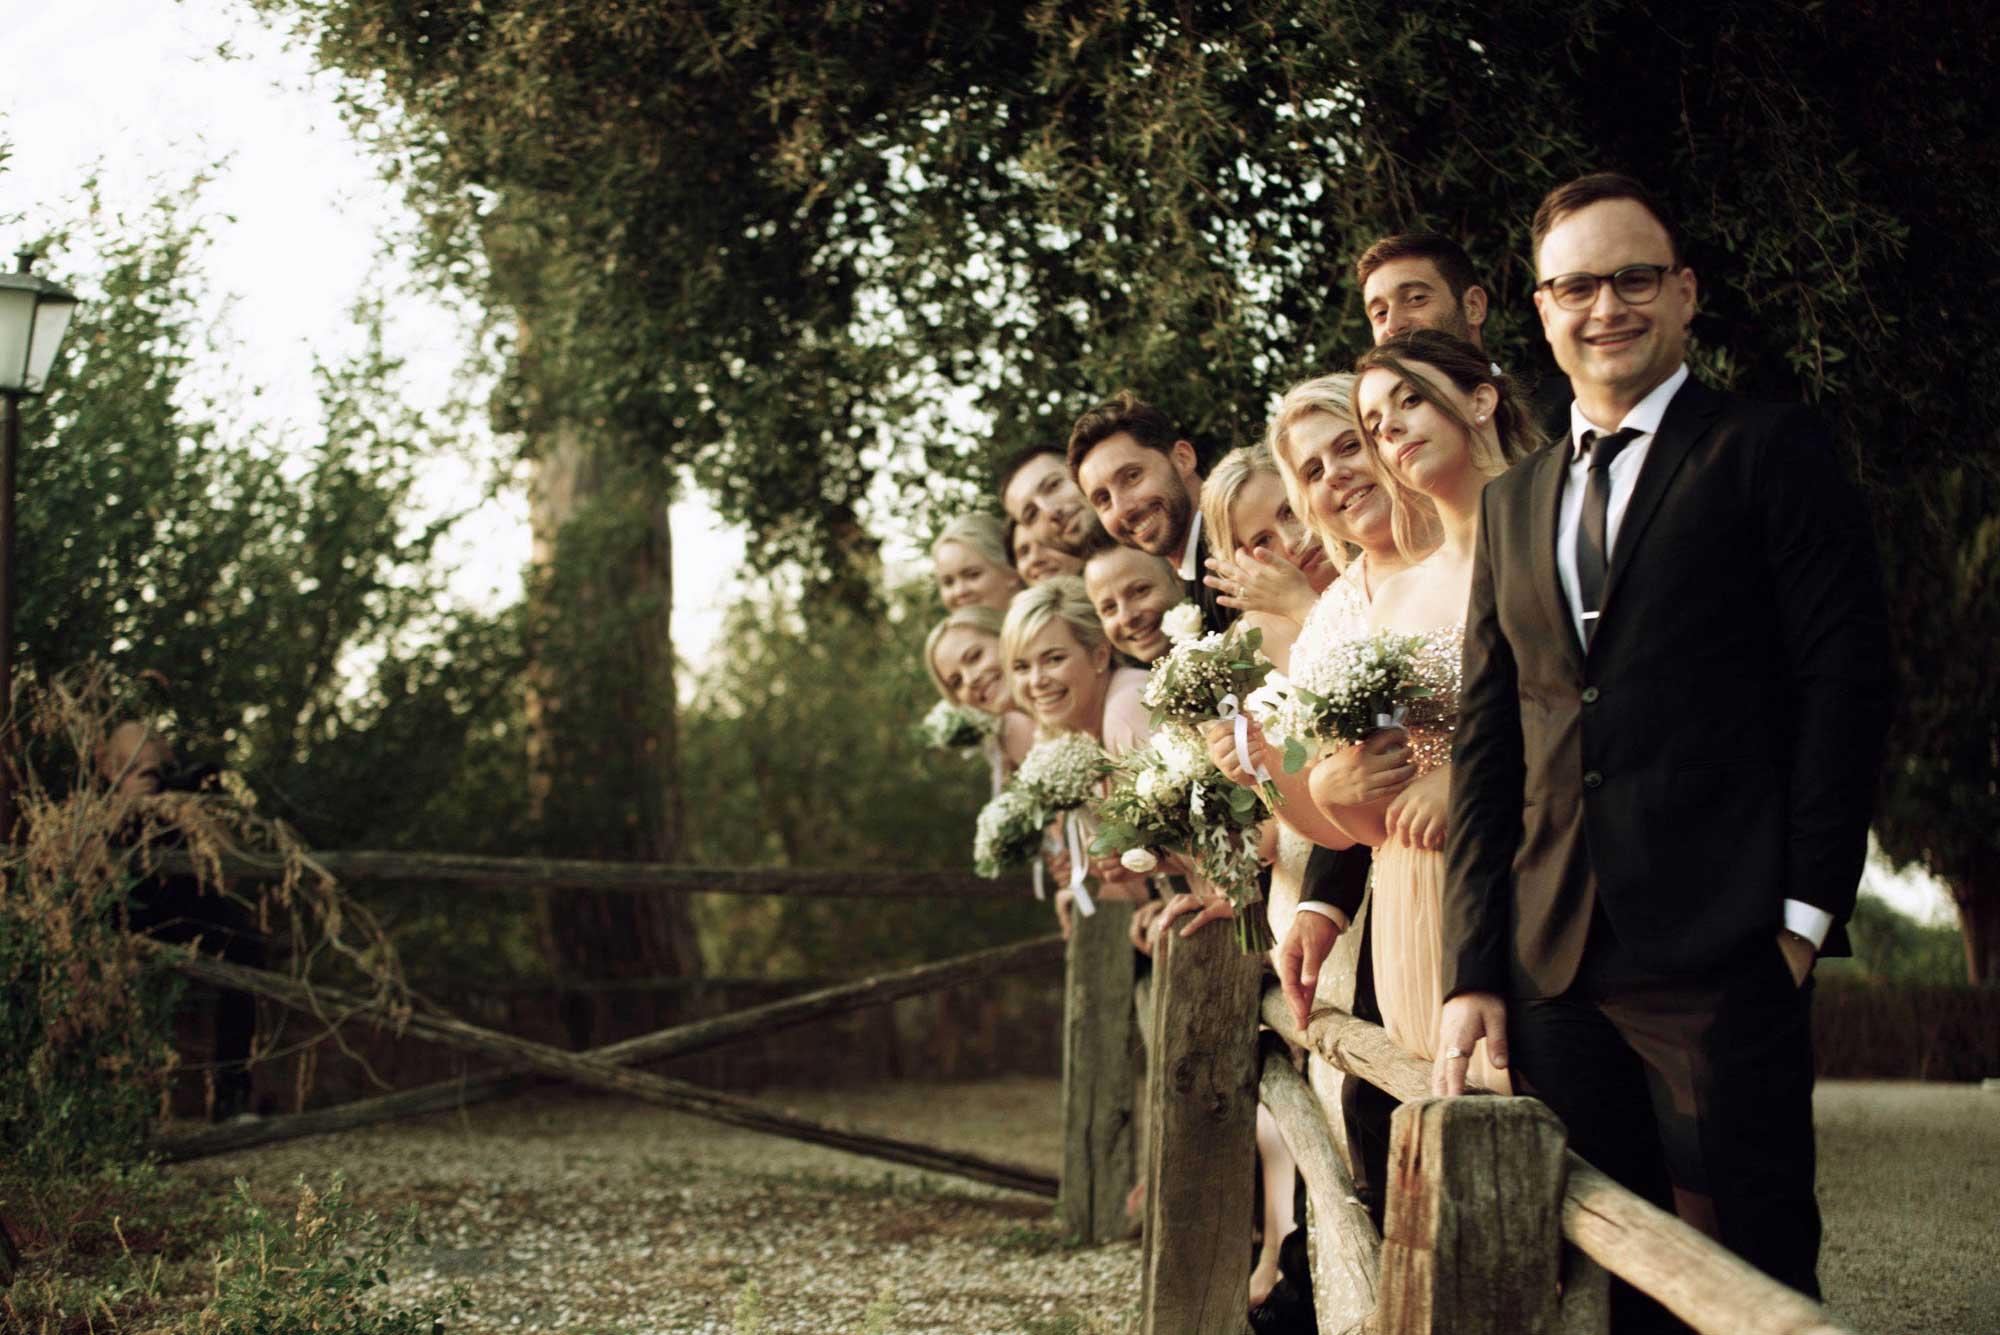 48 - Matrimonio a Roma - Manuel e Carlie - Fabrizio Musolino Fotografo Reportage.jpg